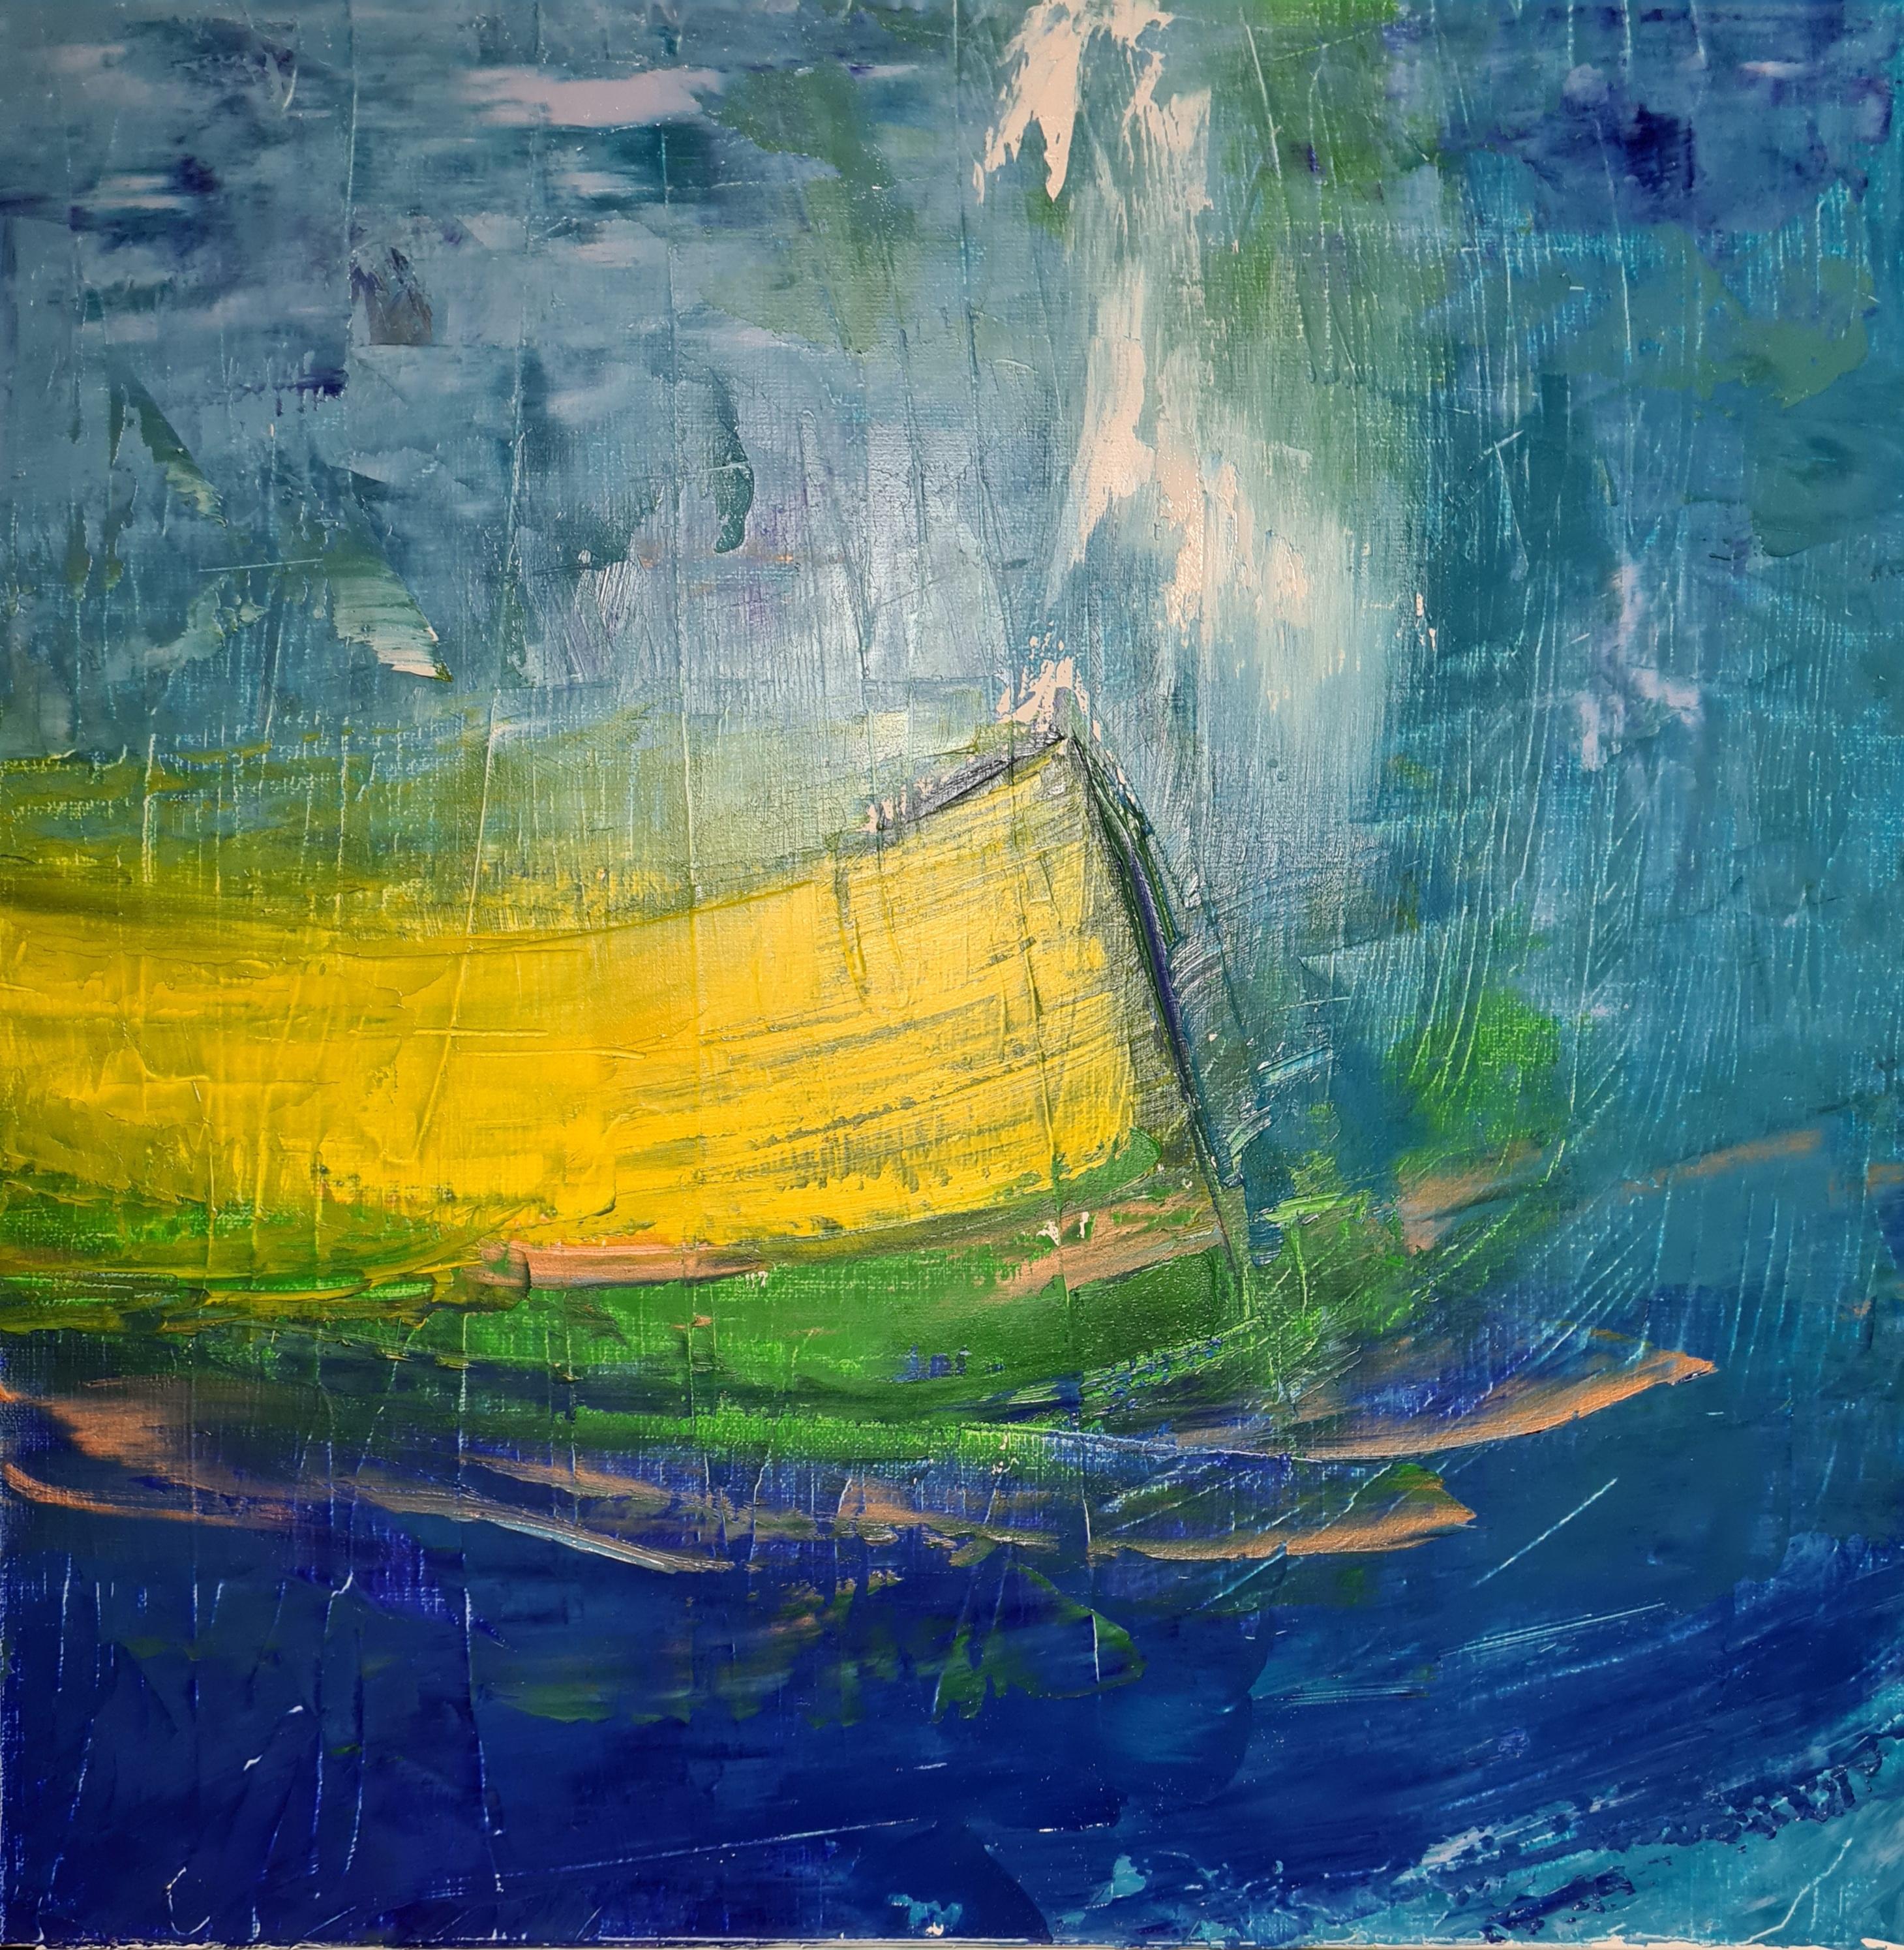 La barque jaune, 50x50cm